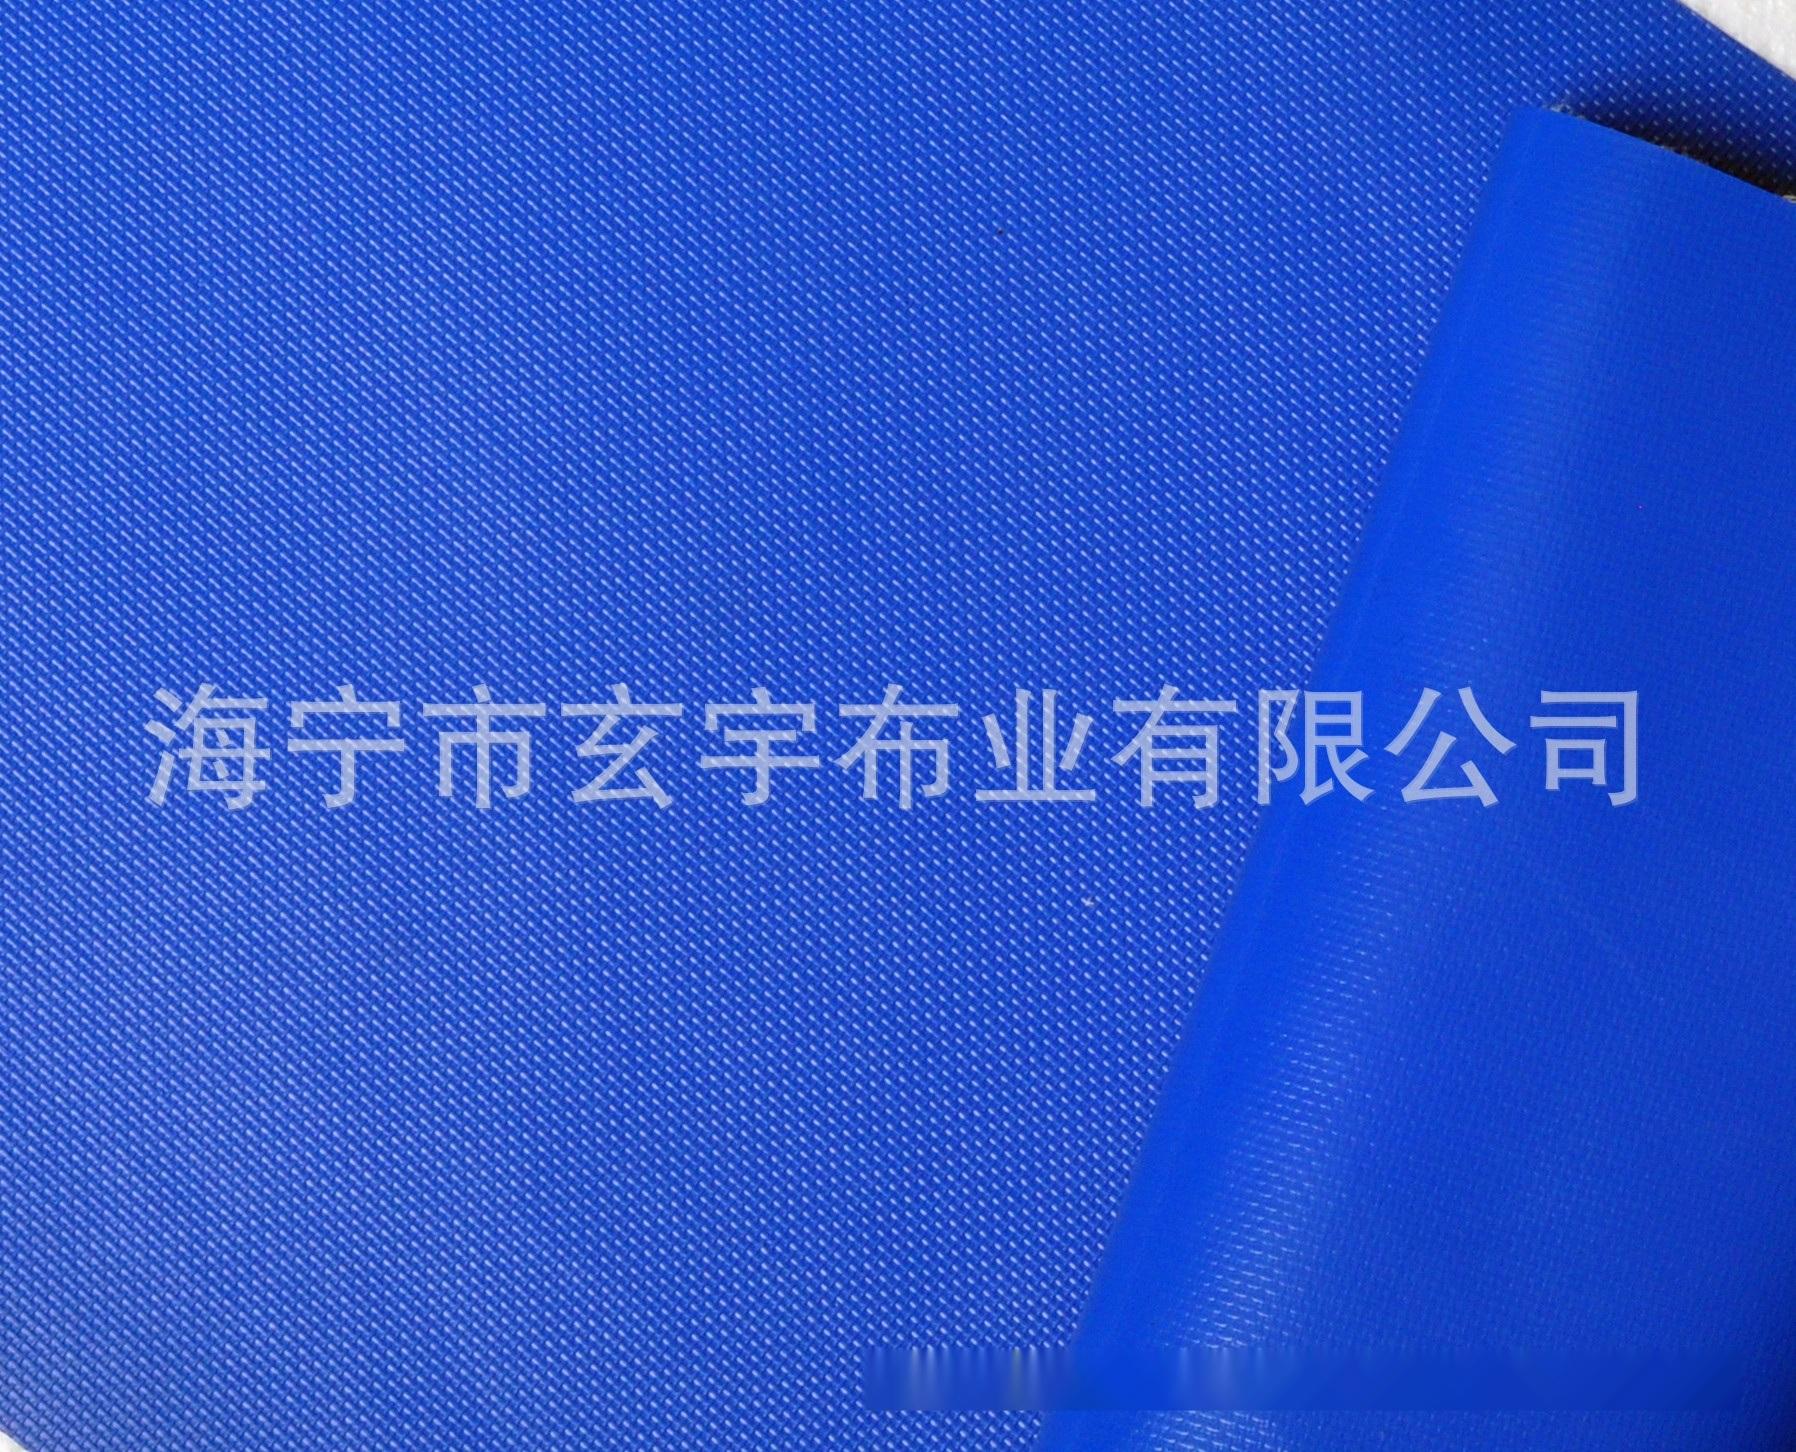 DSC_7688_副本